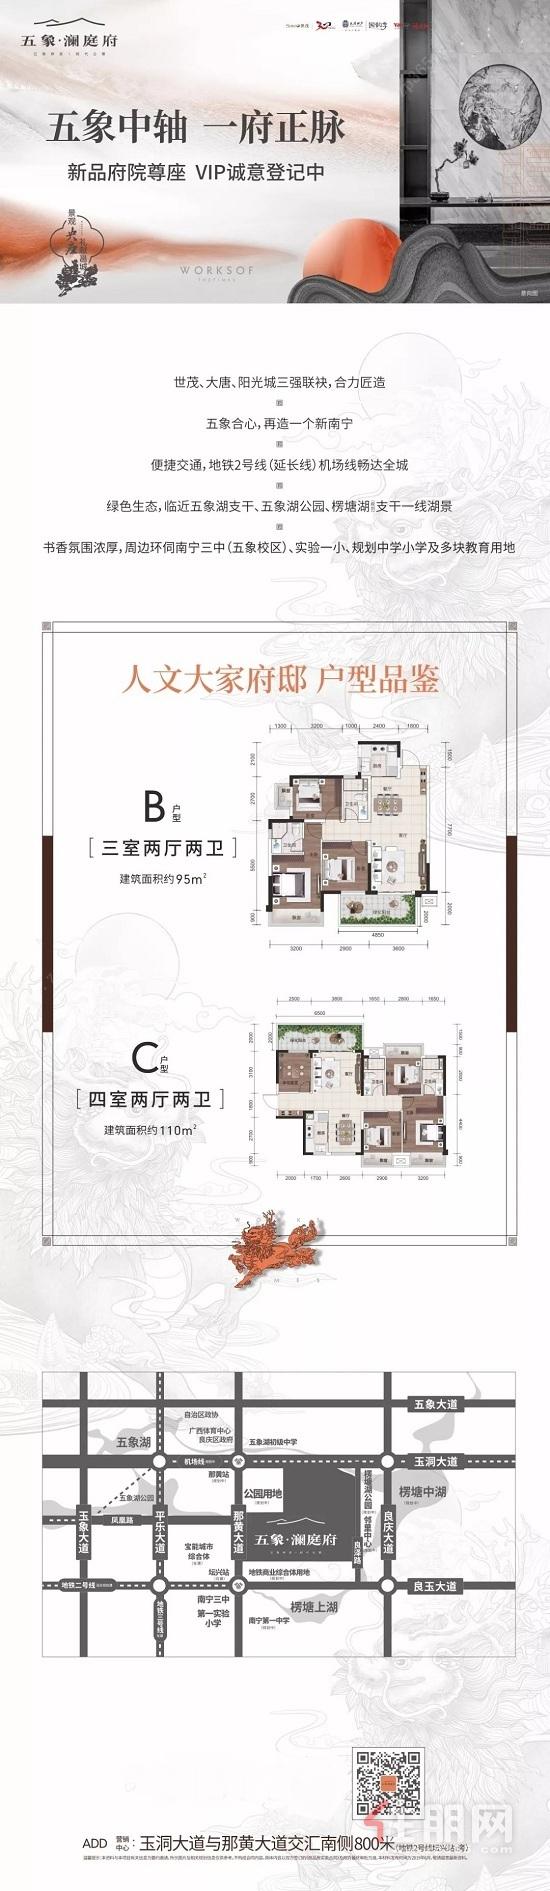 五象澜庭府户型图海报